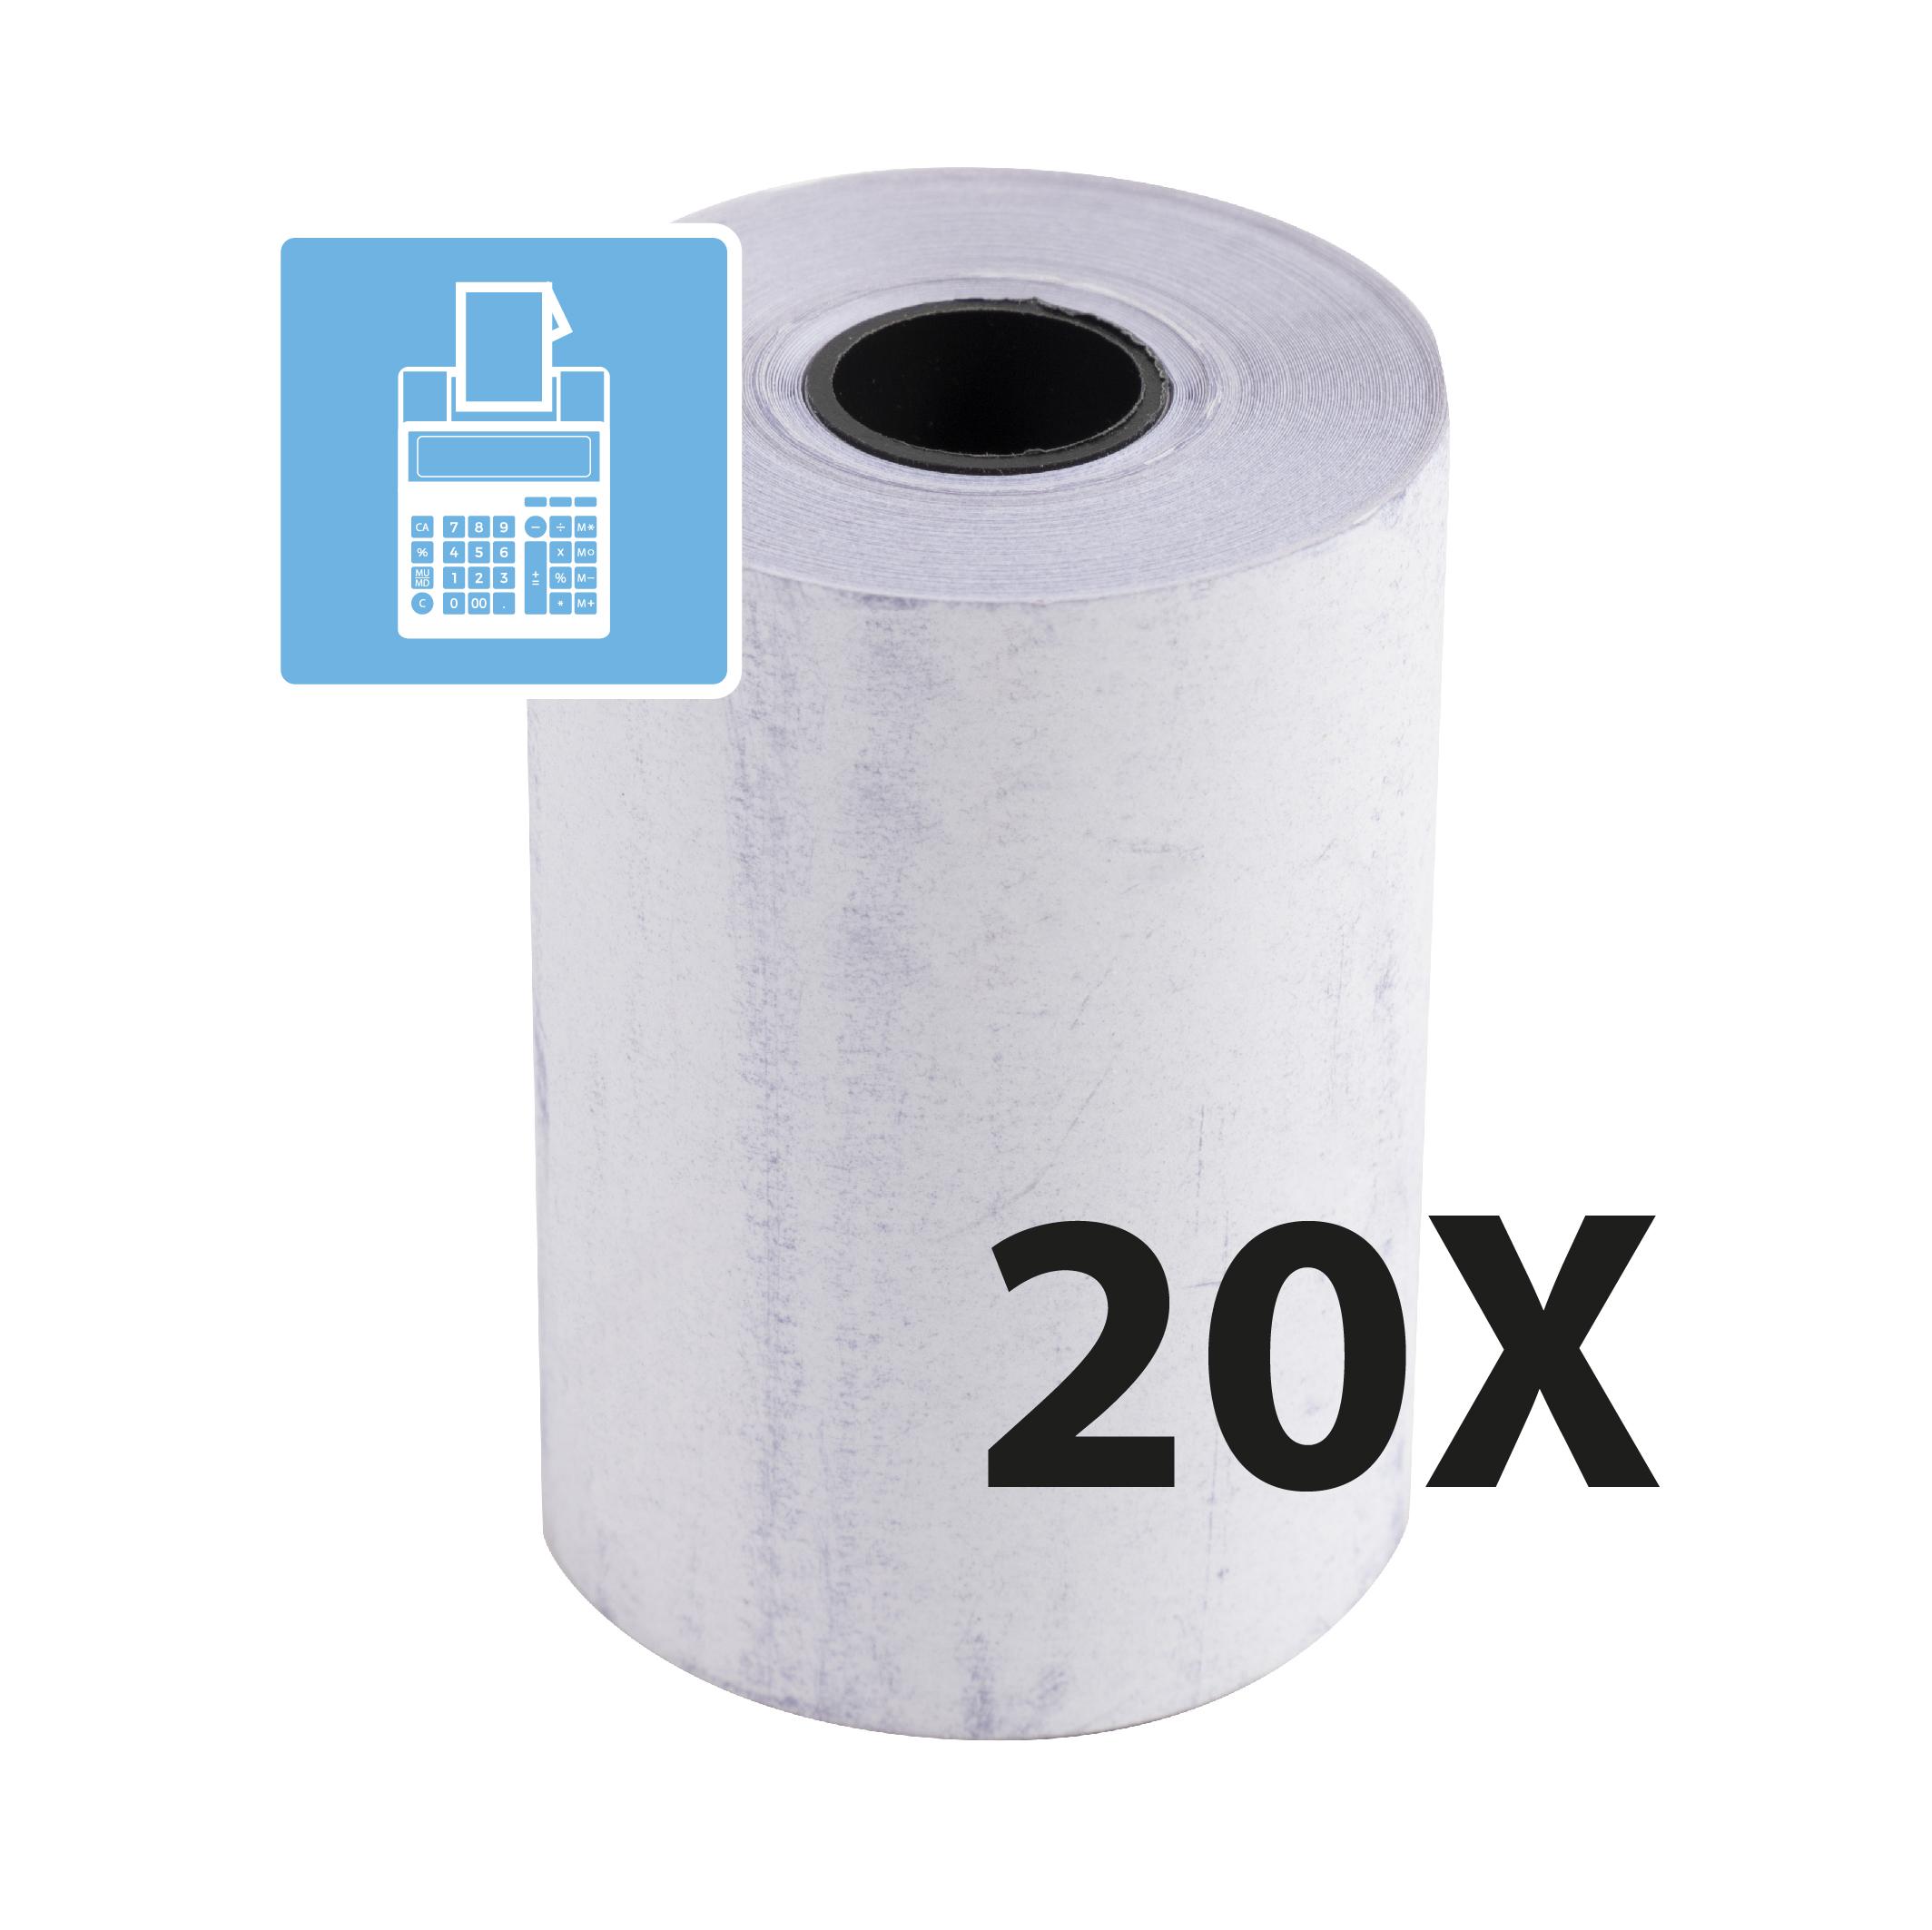 Exacompta - carton de 4 lots de 20 Bobines pour TPE - papier thermique 57 x 40 x 12 mm - 2 plis chimique autonome